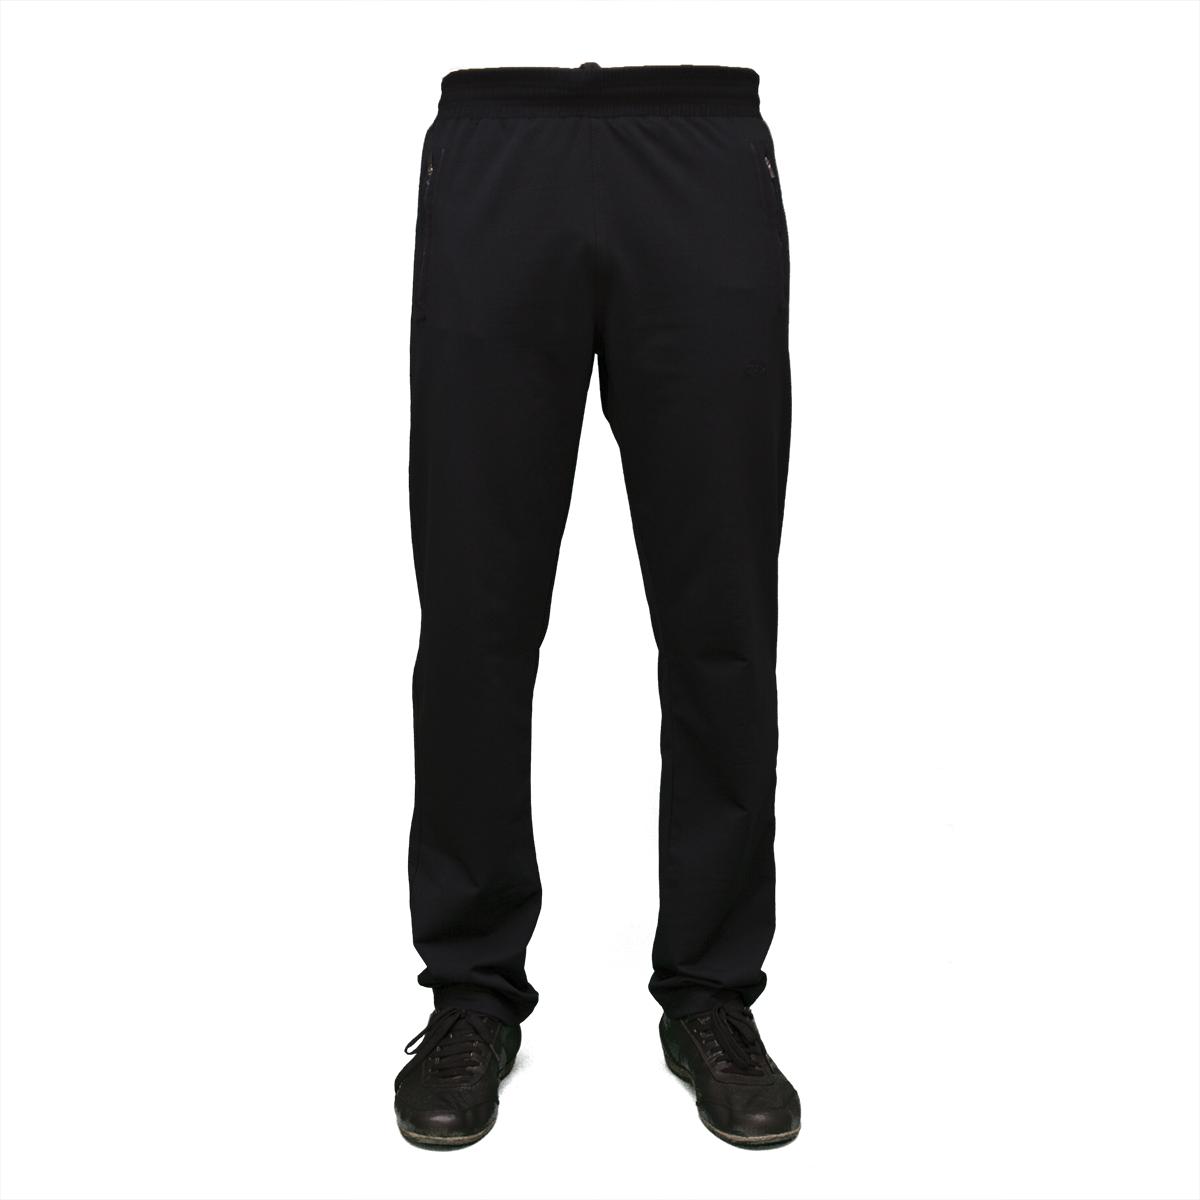 Мужские трикотажные брюки тм. FORE арт.9287 (пр-во Турция)